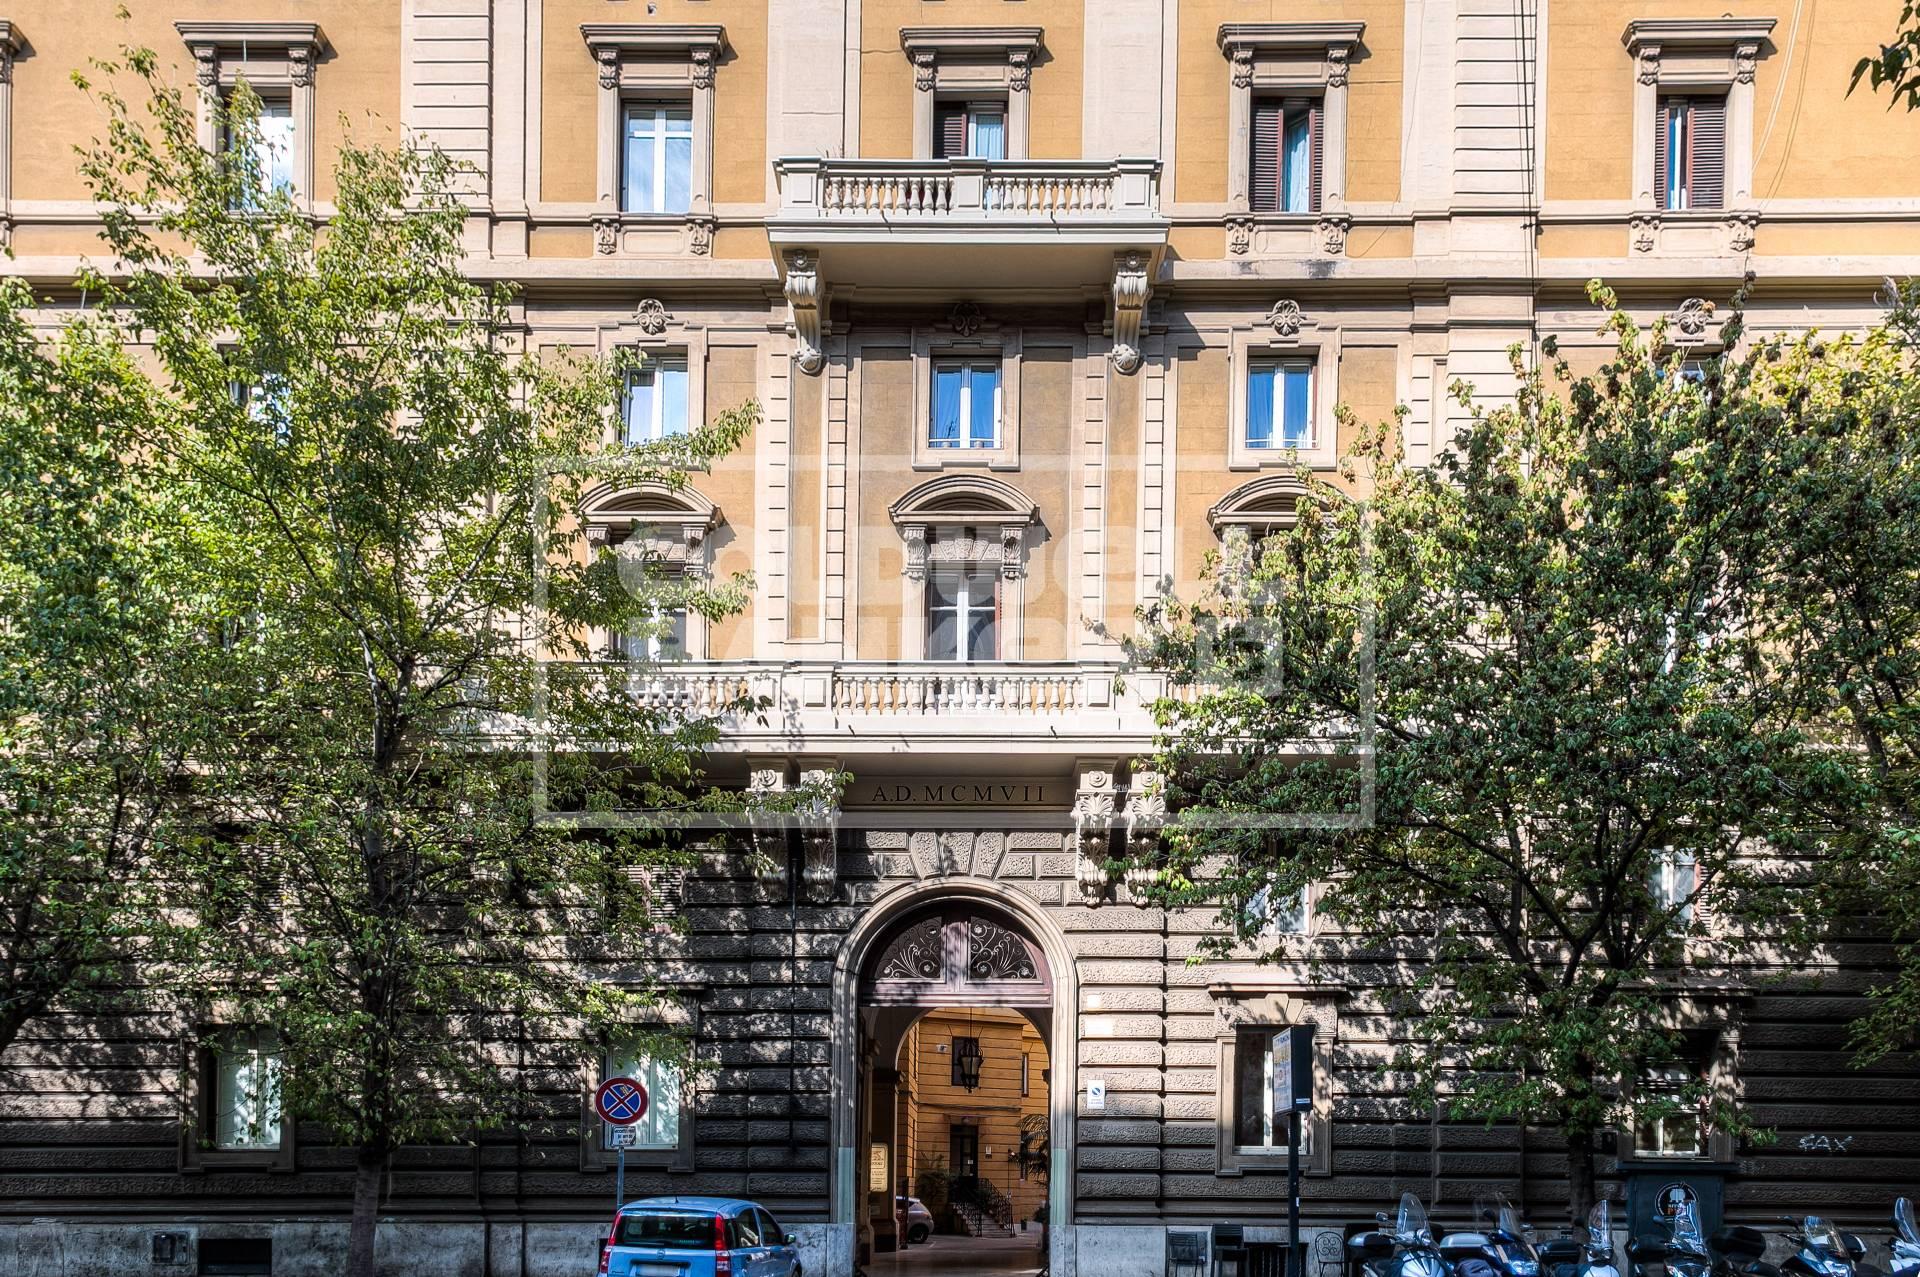 Cbi038 644 43515vk appartamento in affitto a roma for Roma affitto prati